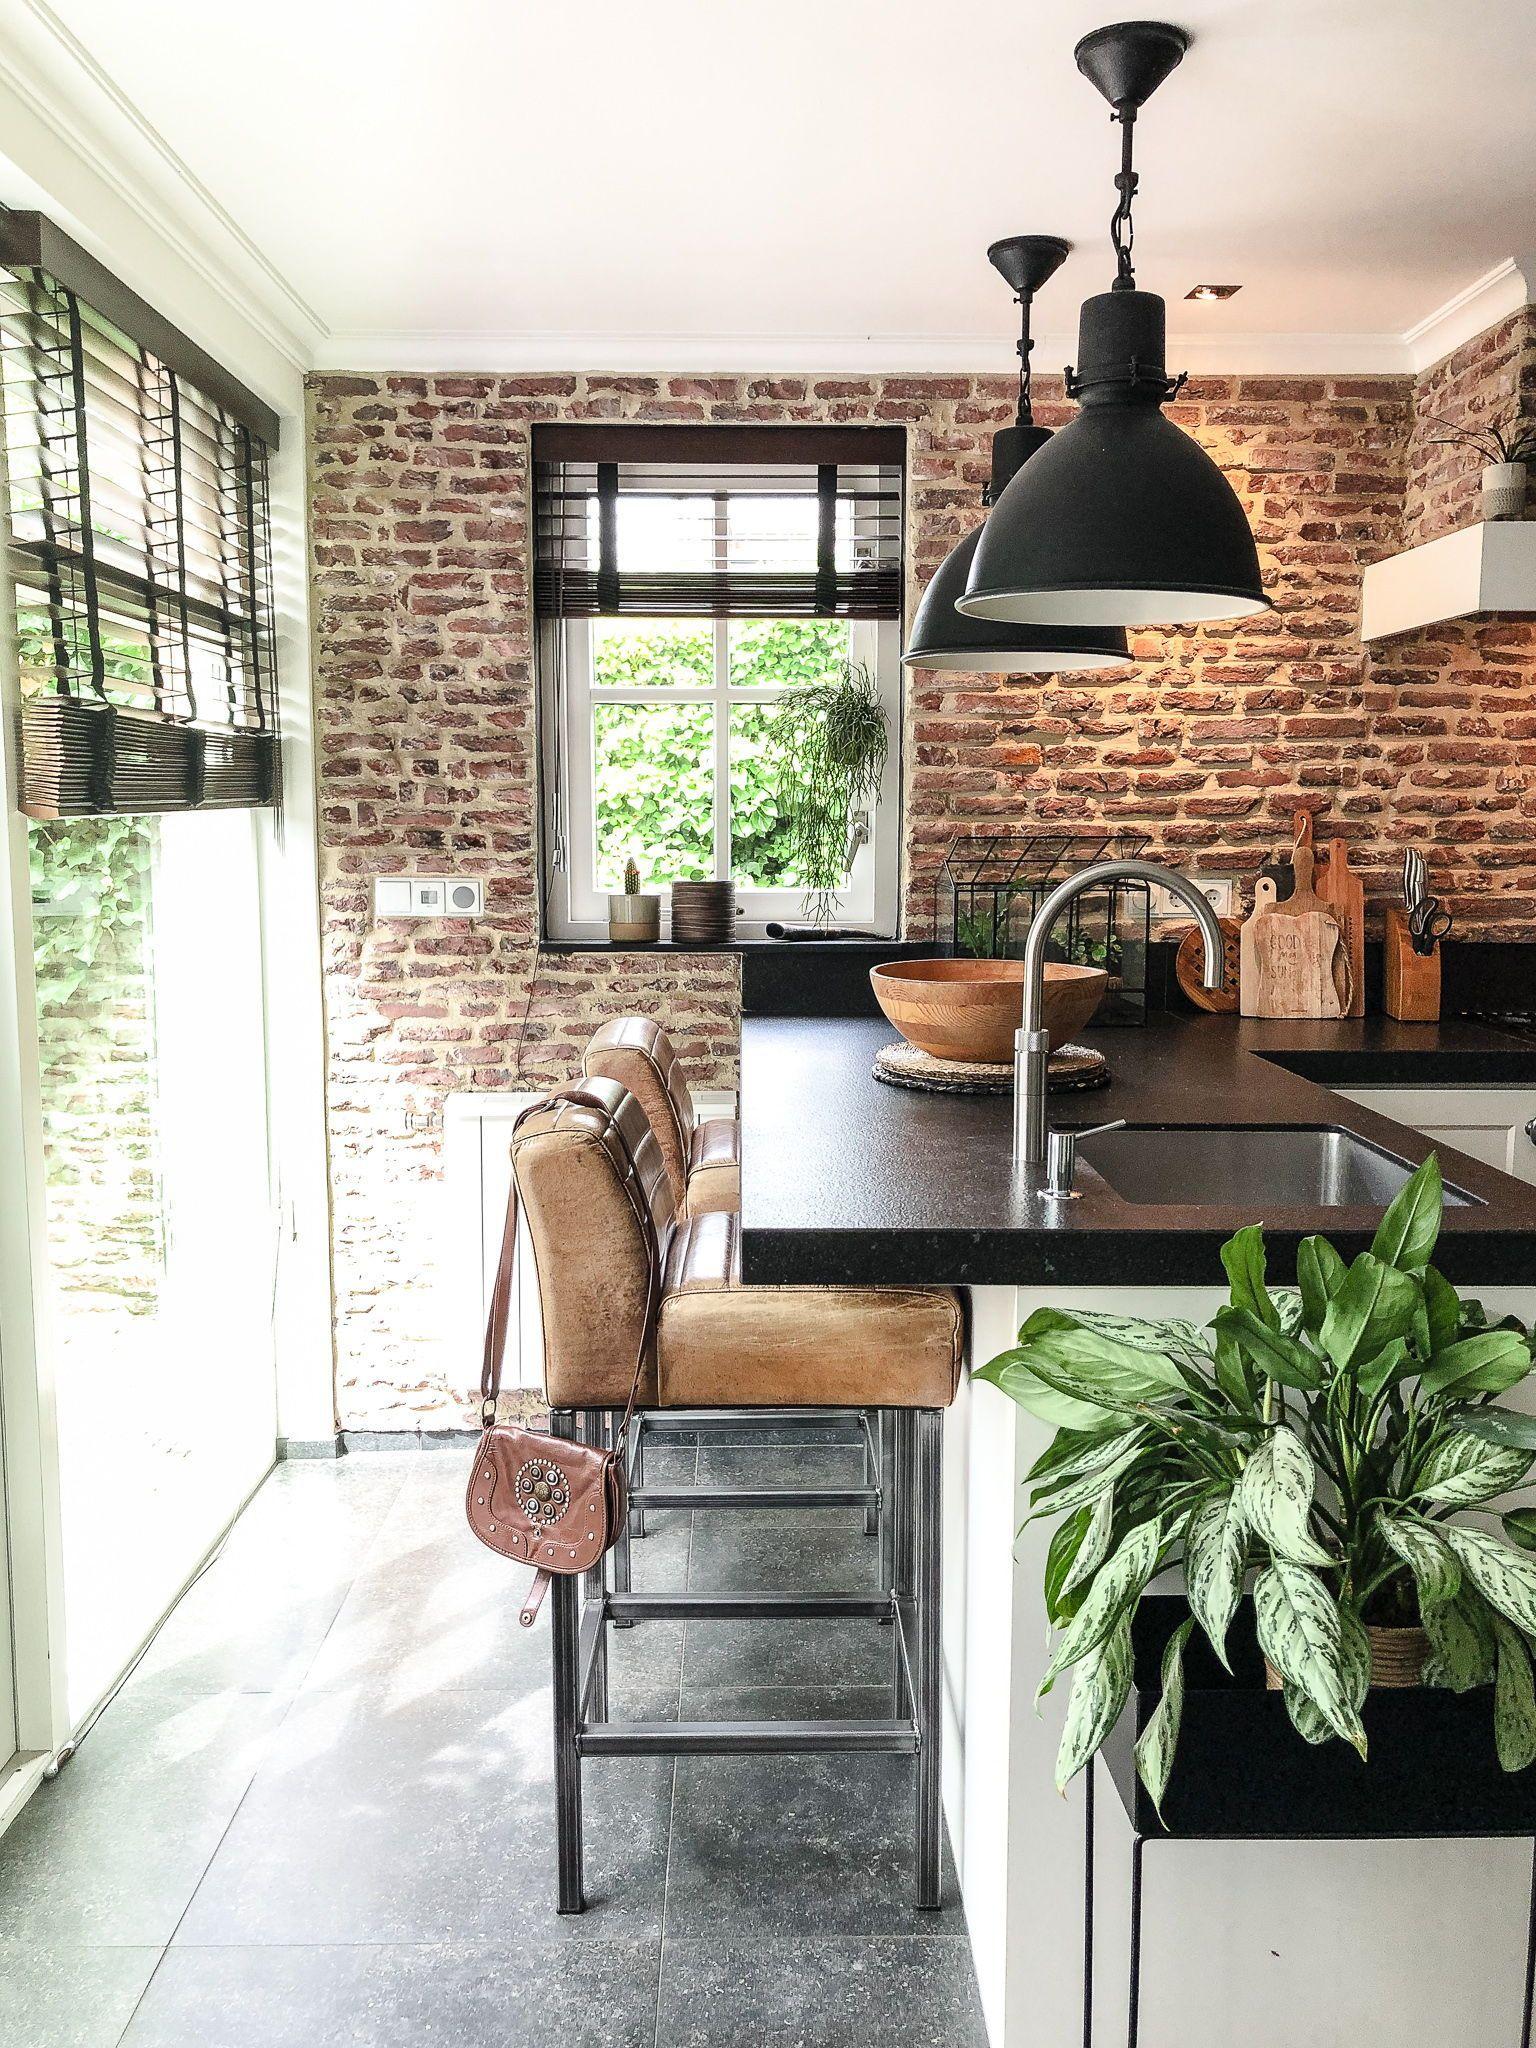 keuken, kitchen, kitchen idea, kitchen inspiration, interior ...